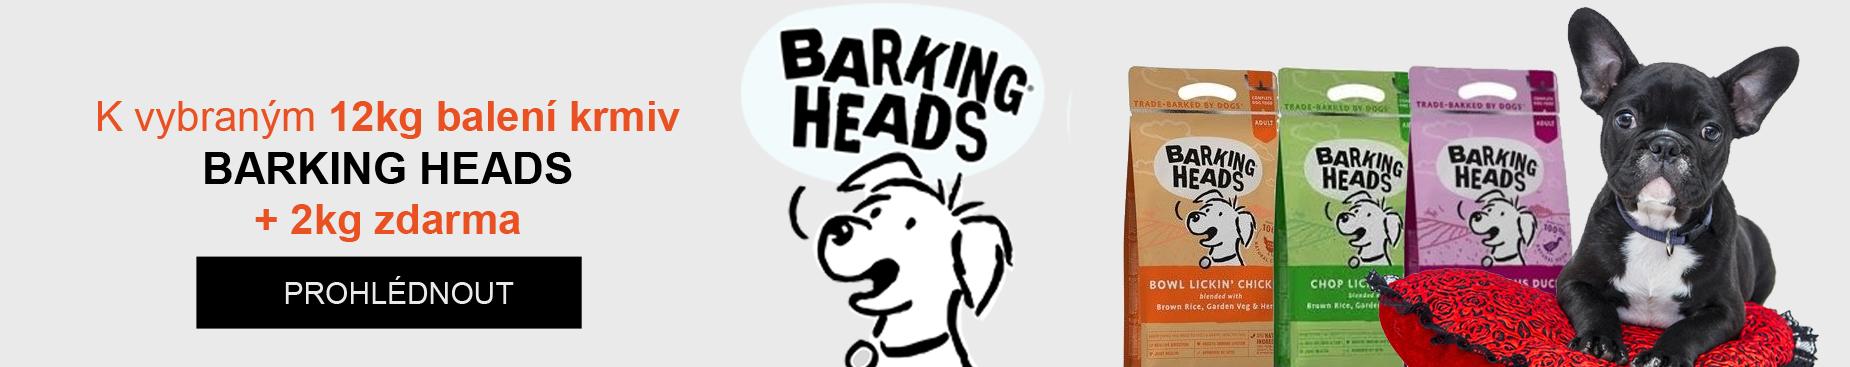 K vybraným 12 kg balení krmiv barking heads 2kg zdarma